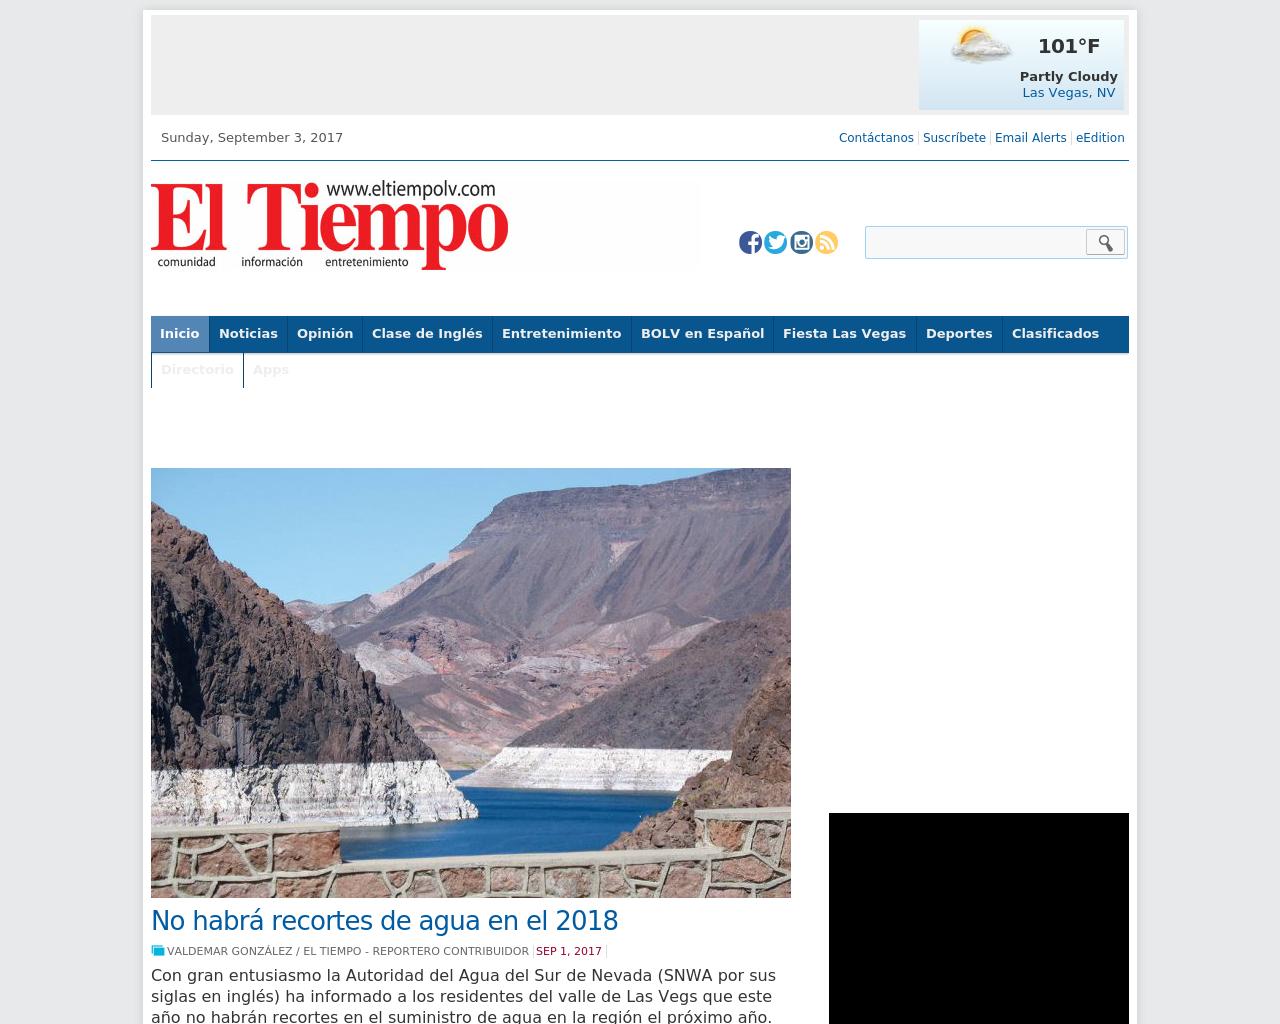 El-Tiempo-Advertising-Reviews-Pricing